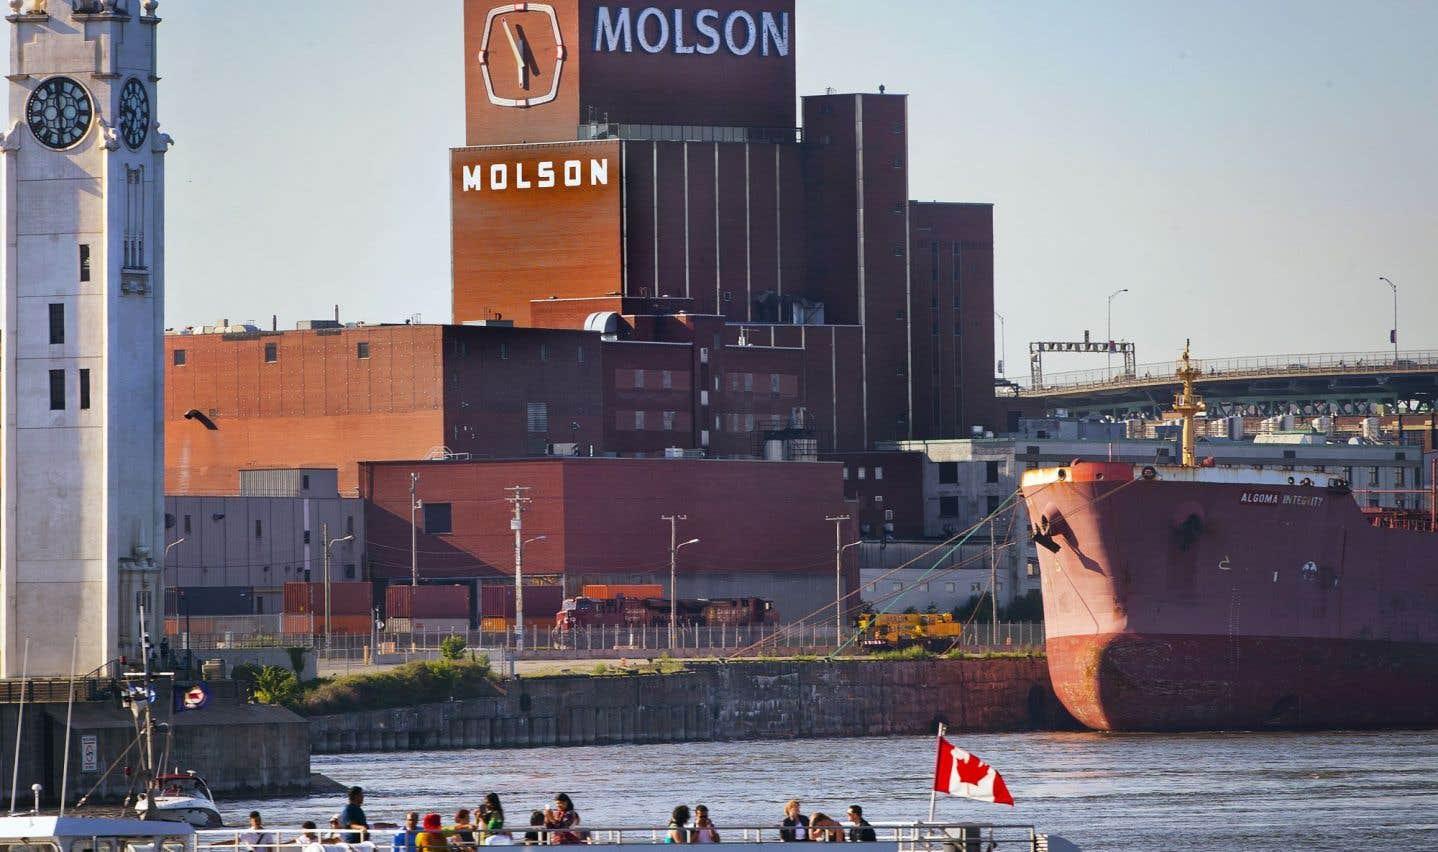 L'édifice de la brasserie Molson, avec son horloge, fait partie des symboles emblématiques de Montréal.